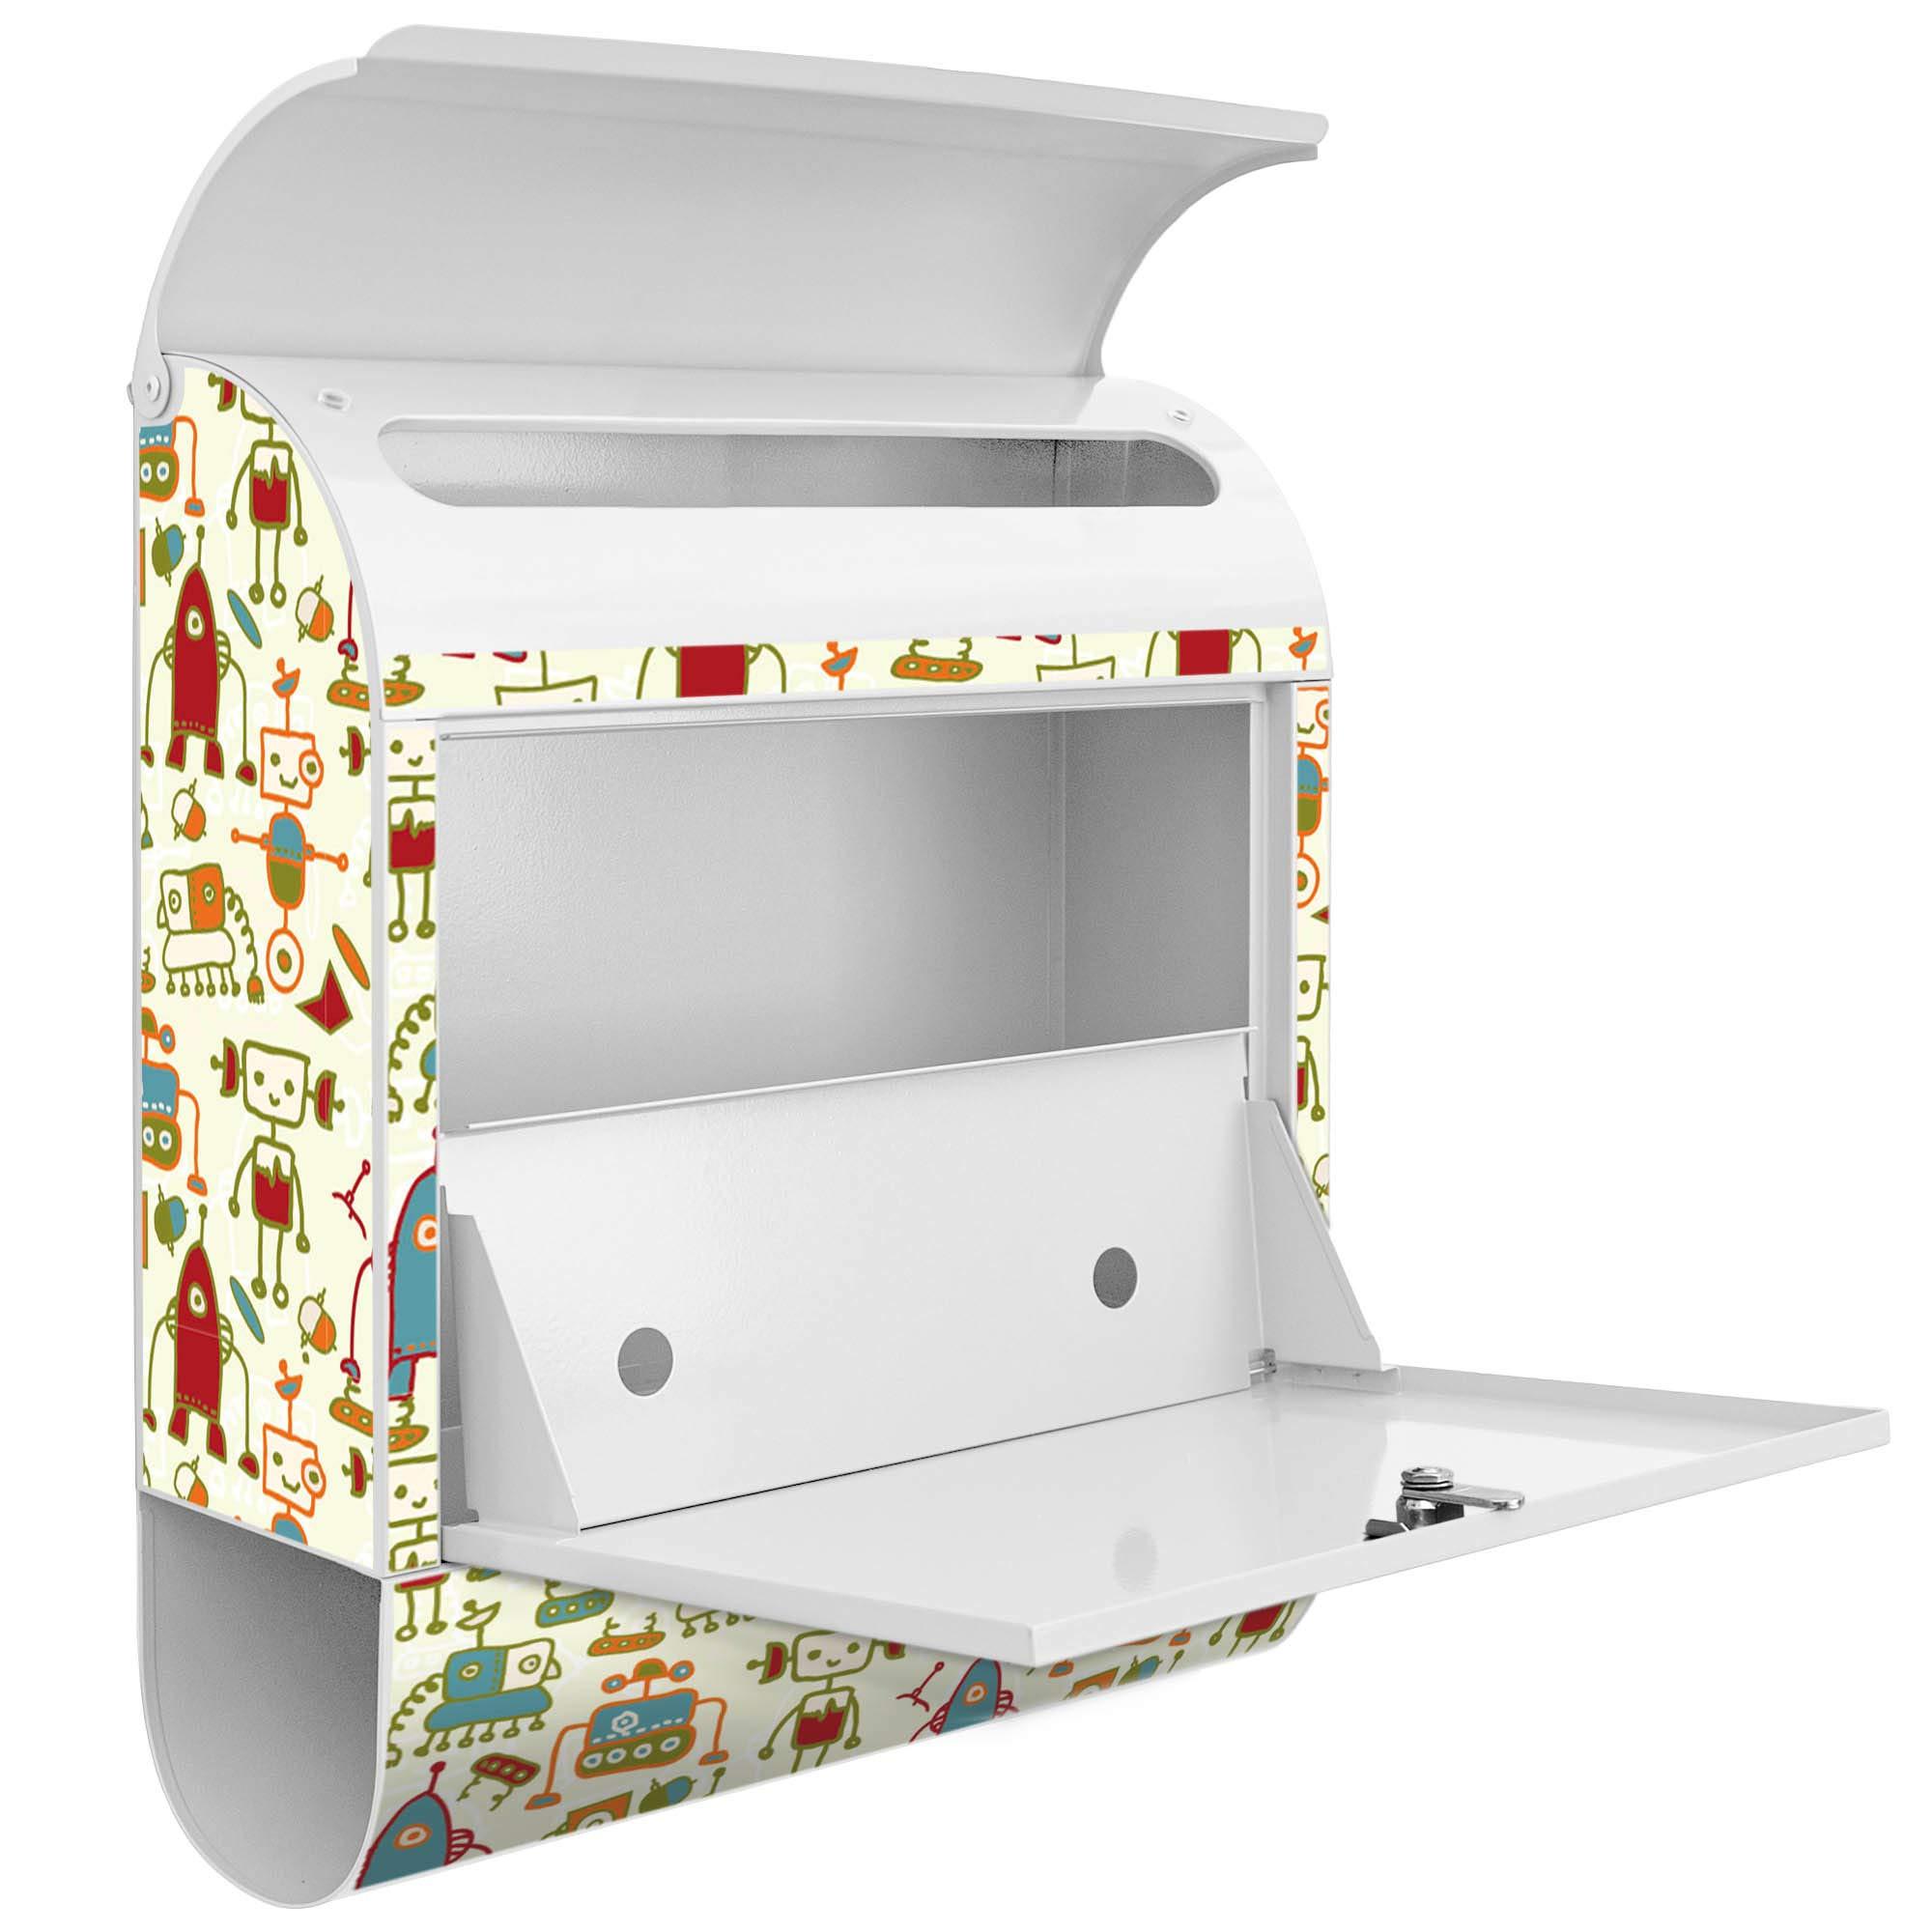 banjado – Blanco Diseño Buzón zeitgs compartimento 38 x 45 x 11 cm pared Buzón con diseño trazo Robot: Amazon.es: Bricolaje y herramientas